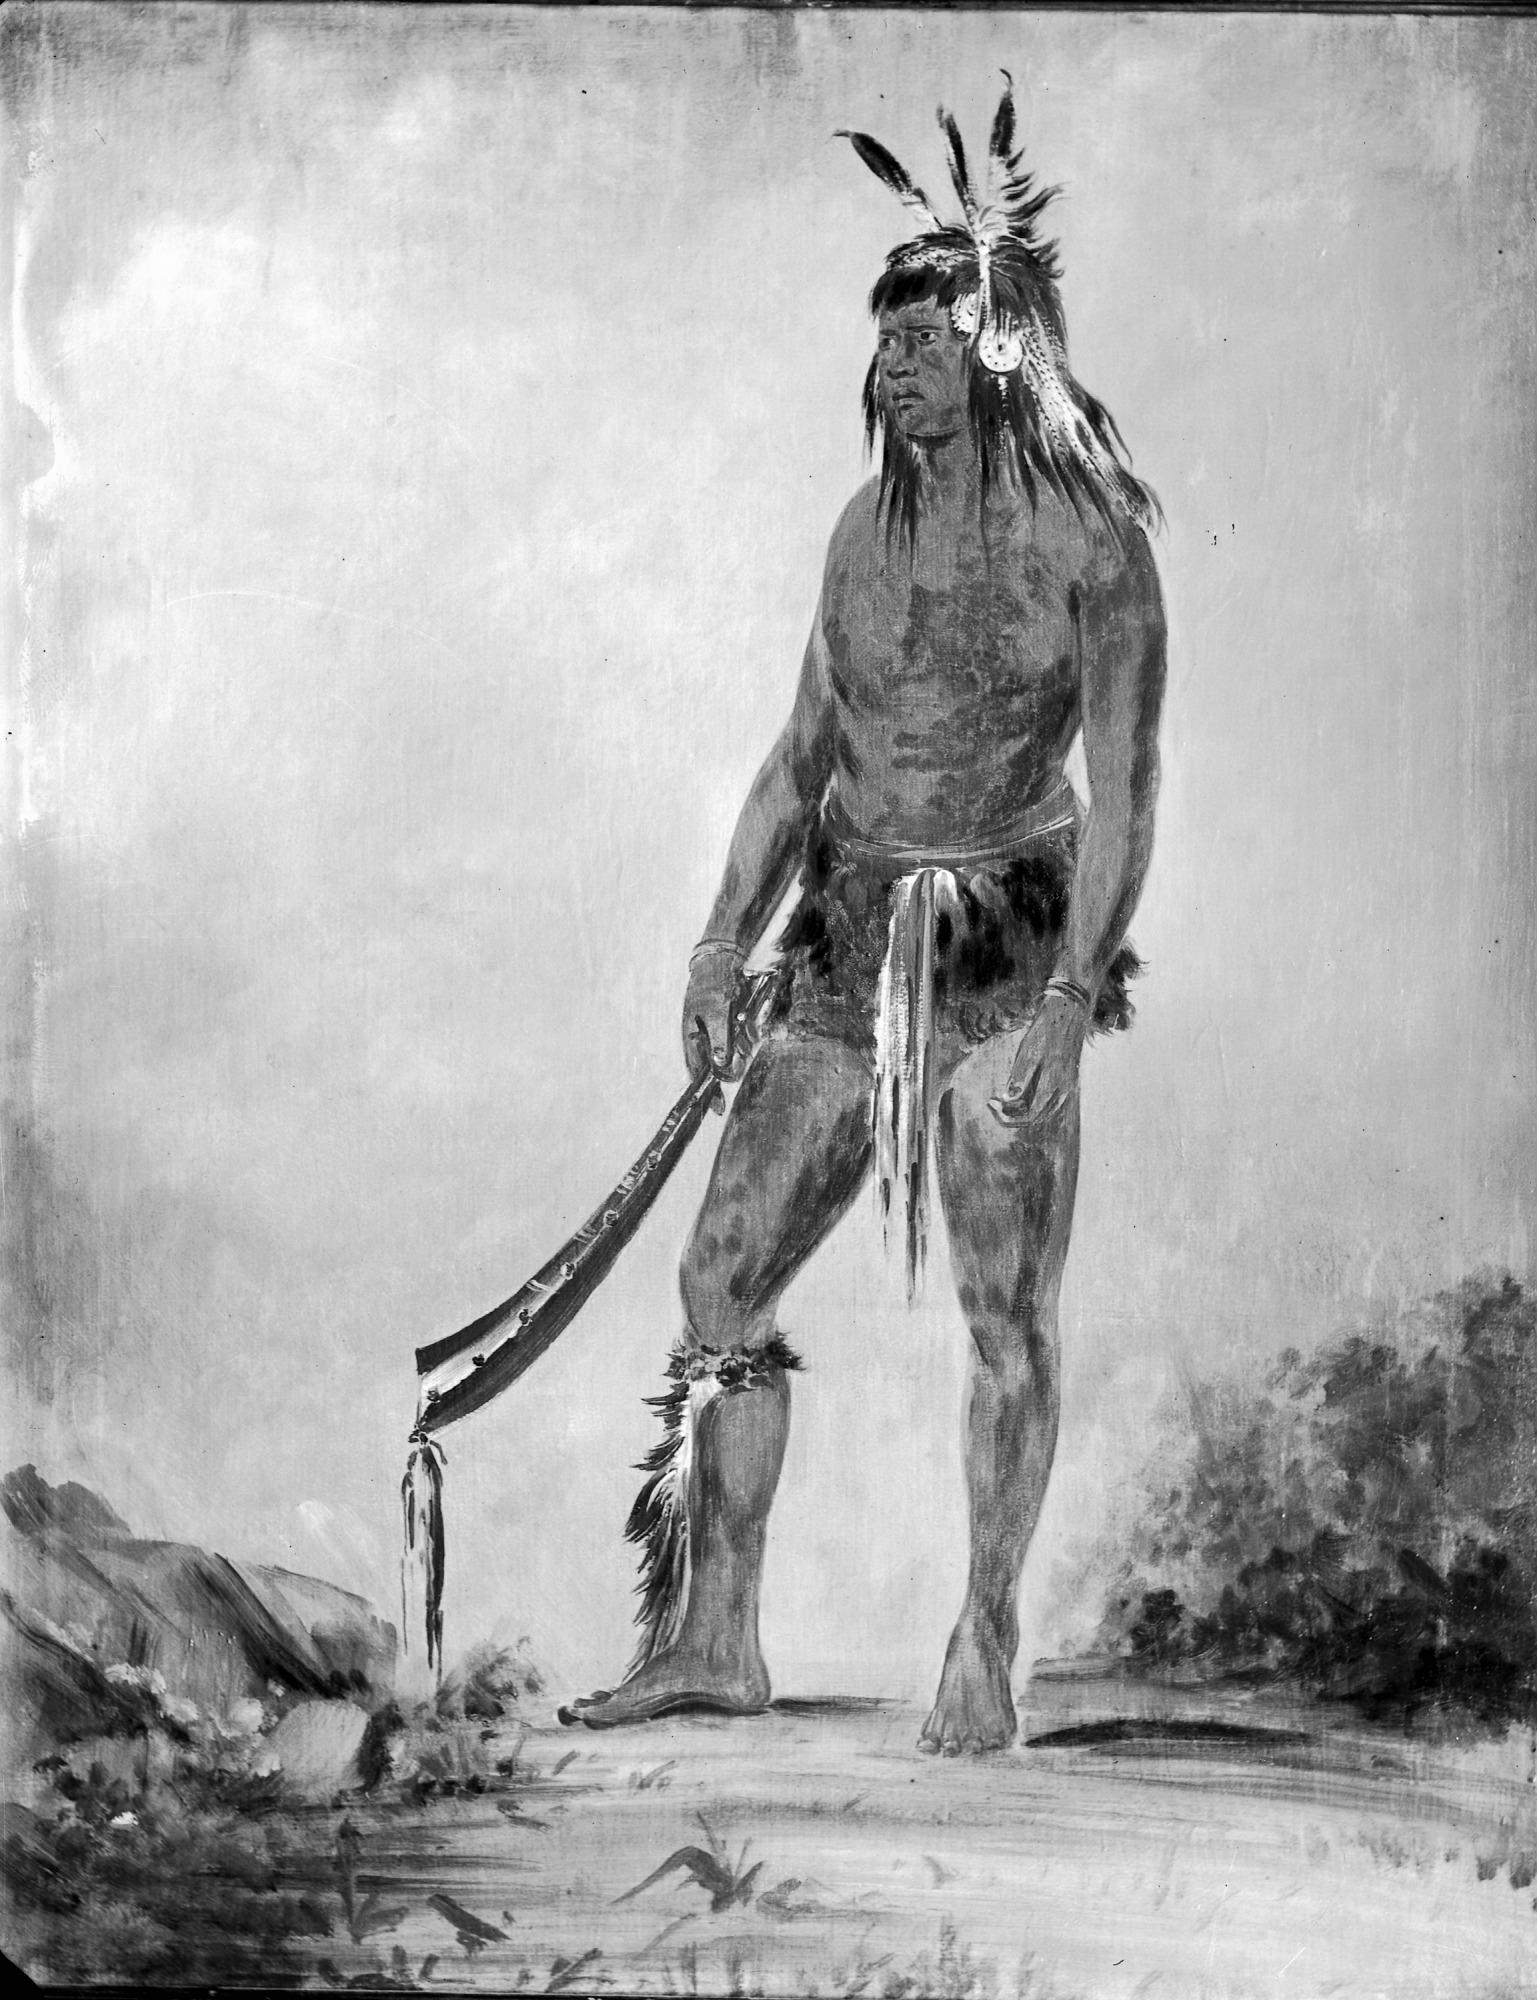 Stanley Indian Portrait, standing figure